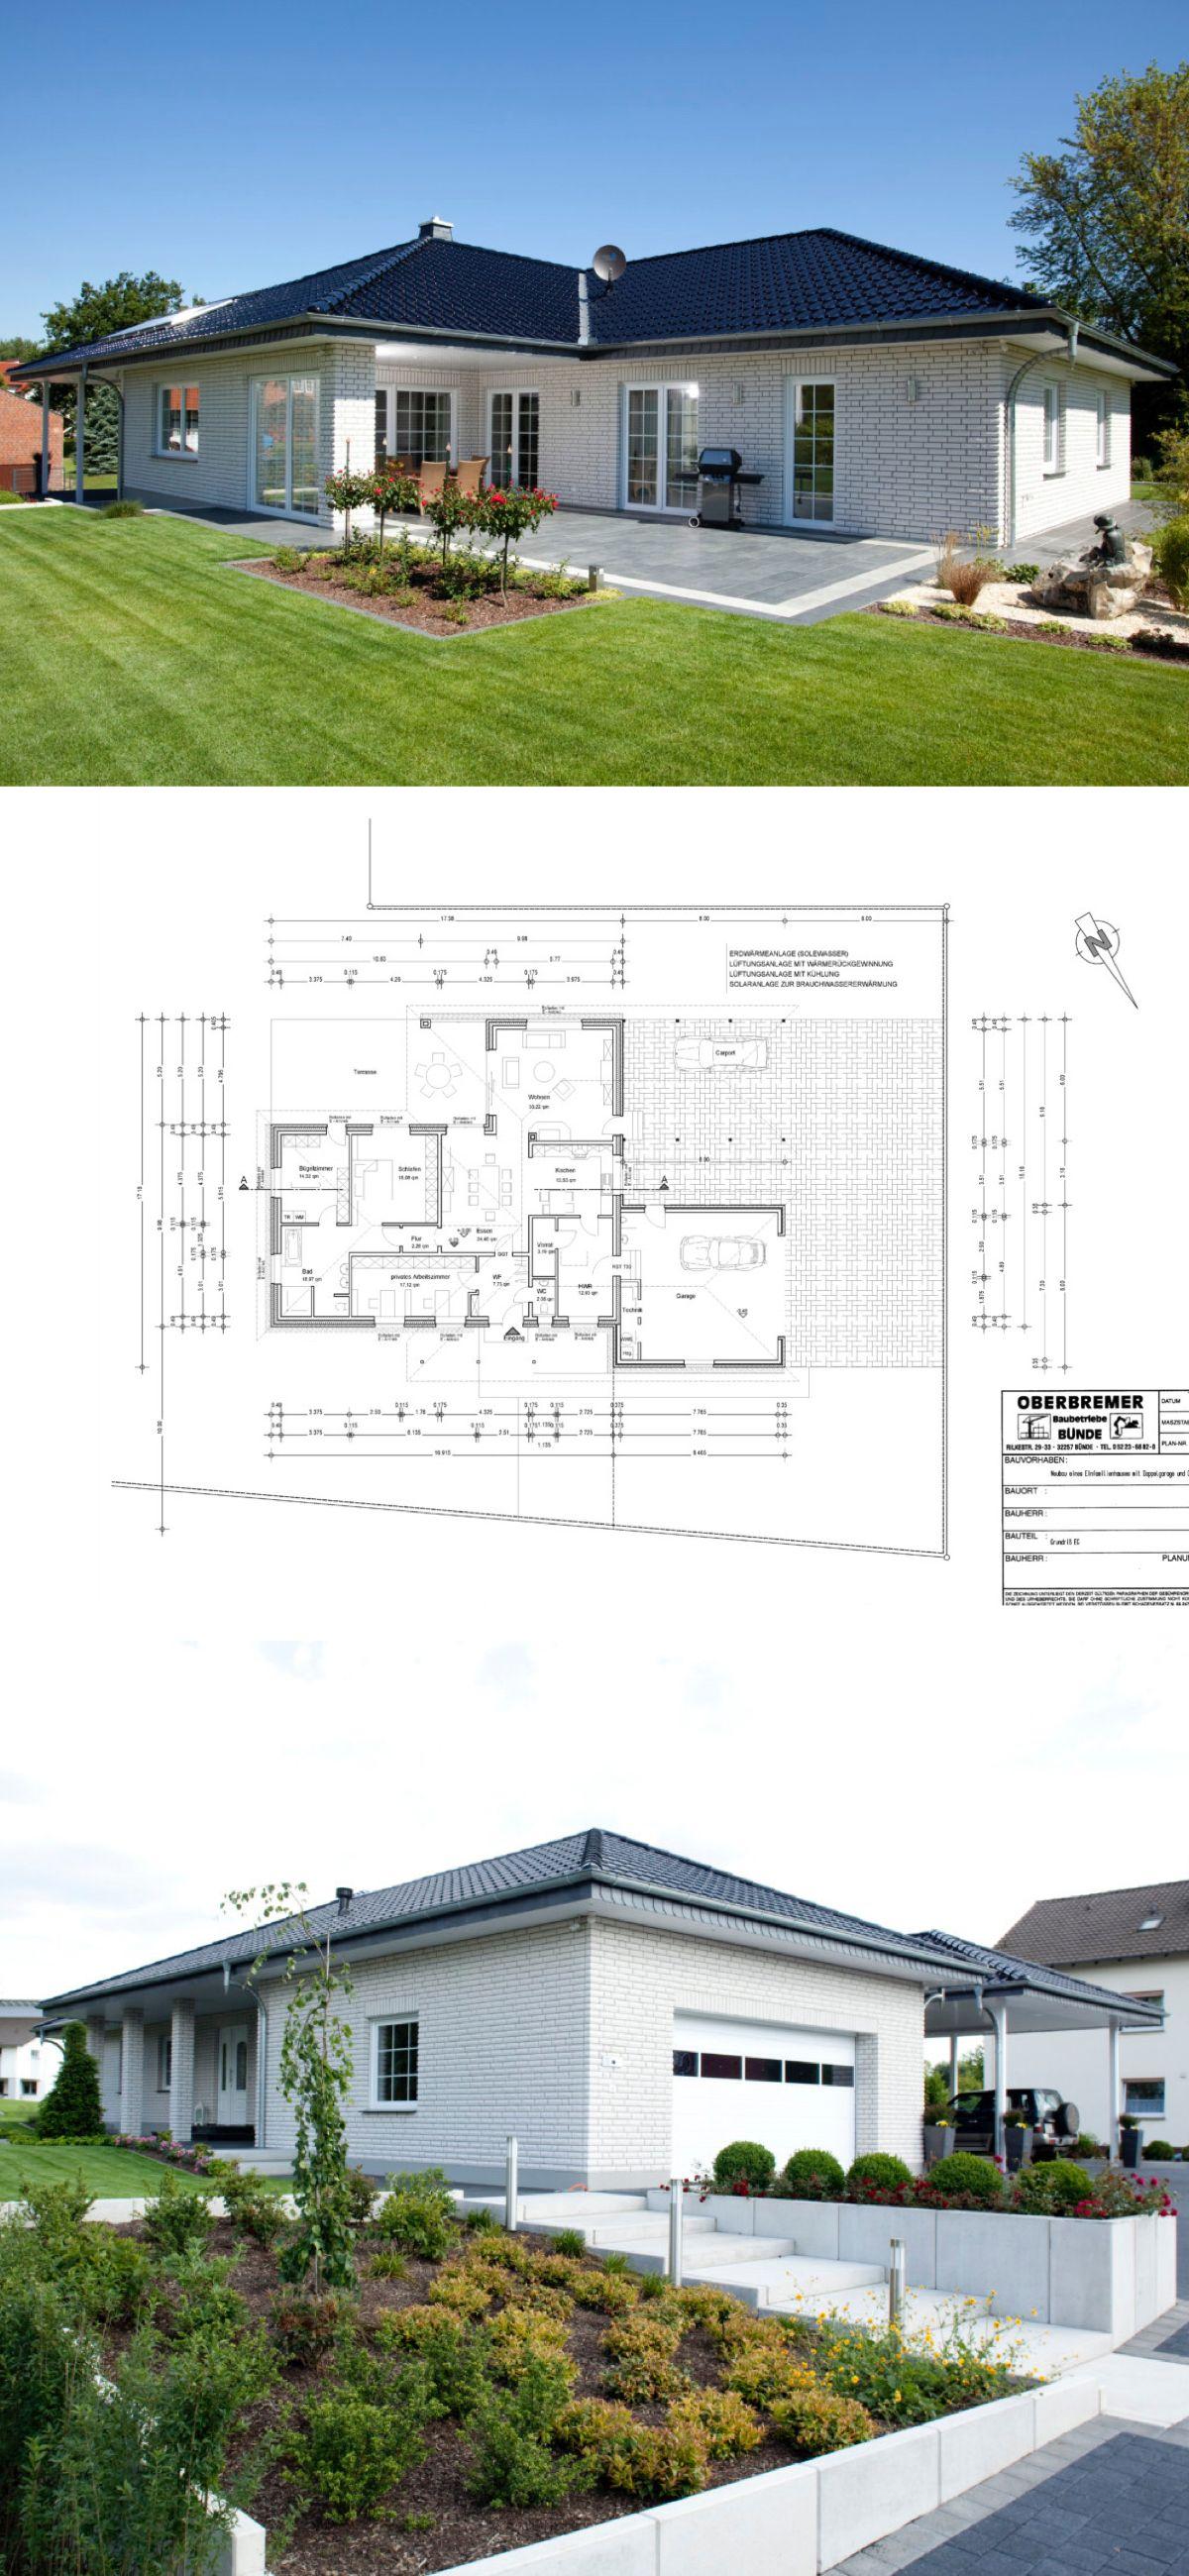 Bungalow Haus Mit Garage Und Walmdach Architektur Grundriss Barrierefrei Winkelbungalow Haus Dittmer Von Baumeister Haus A Haus Bungalow Baumeister Haus Haus